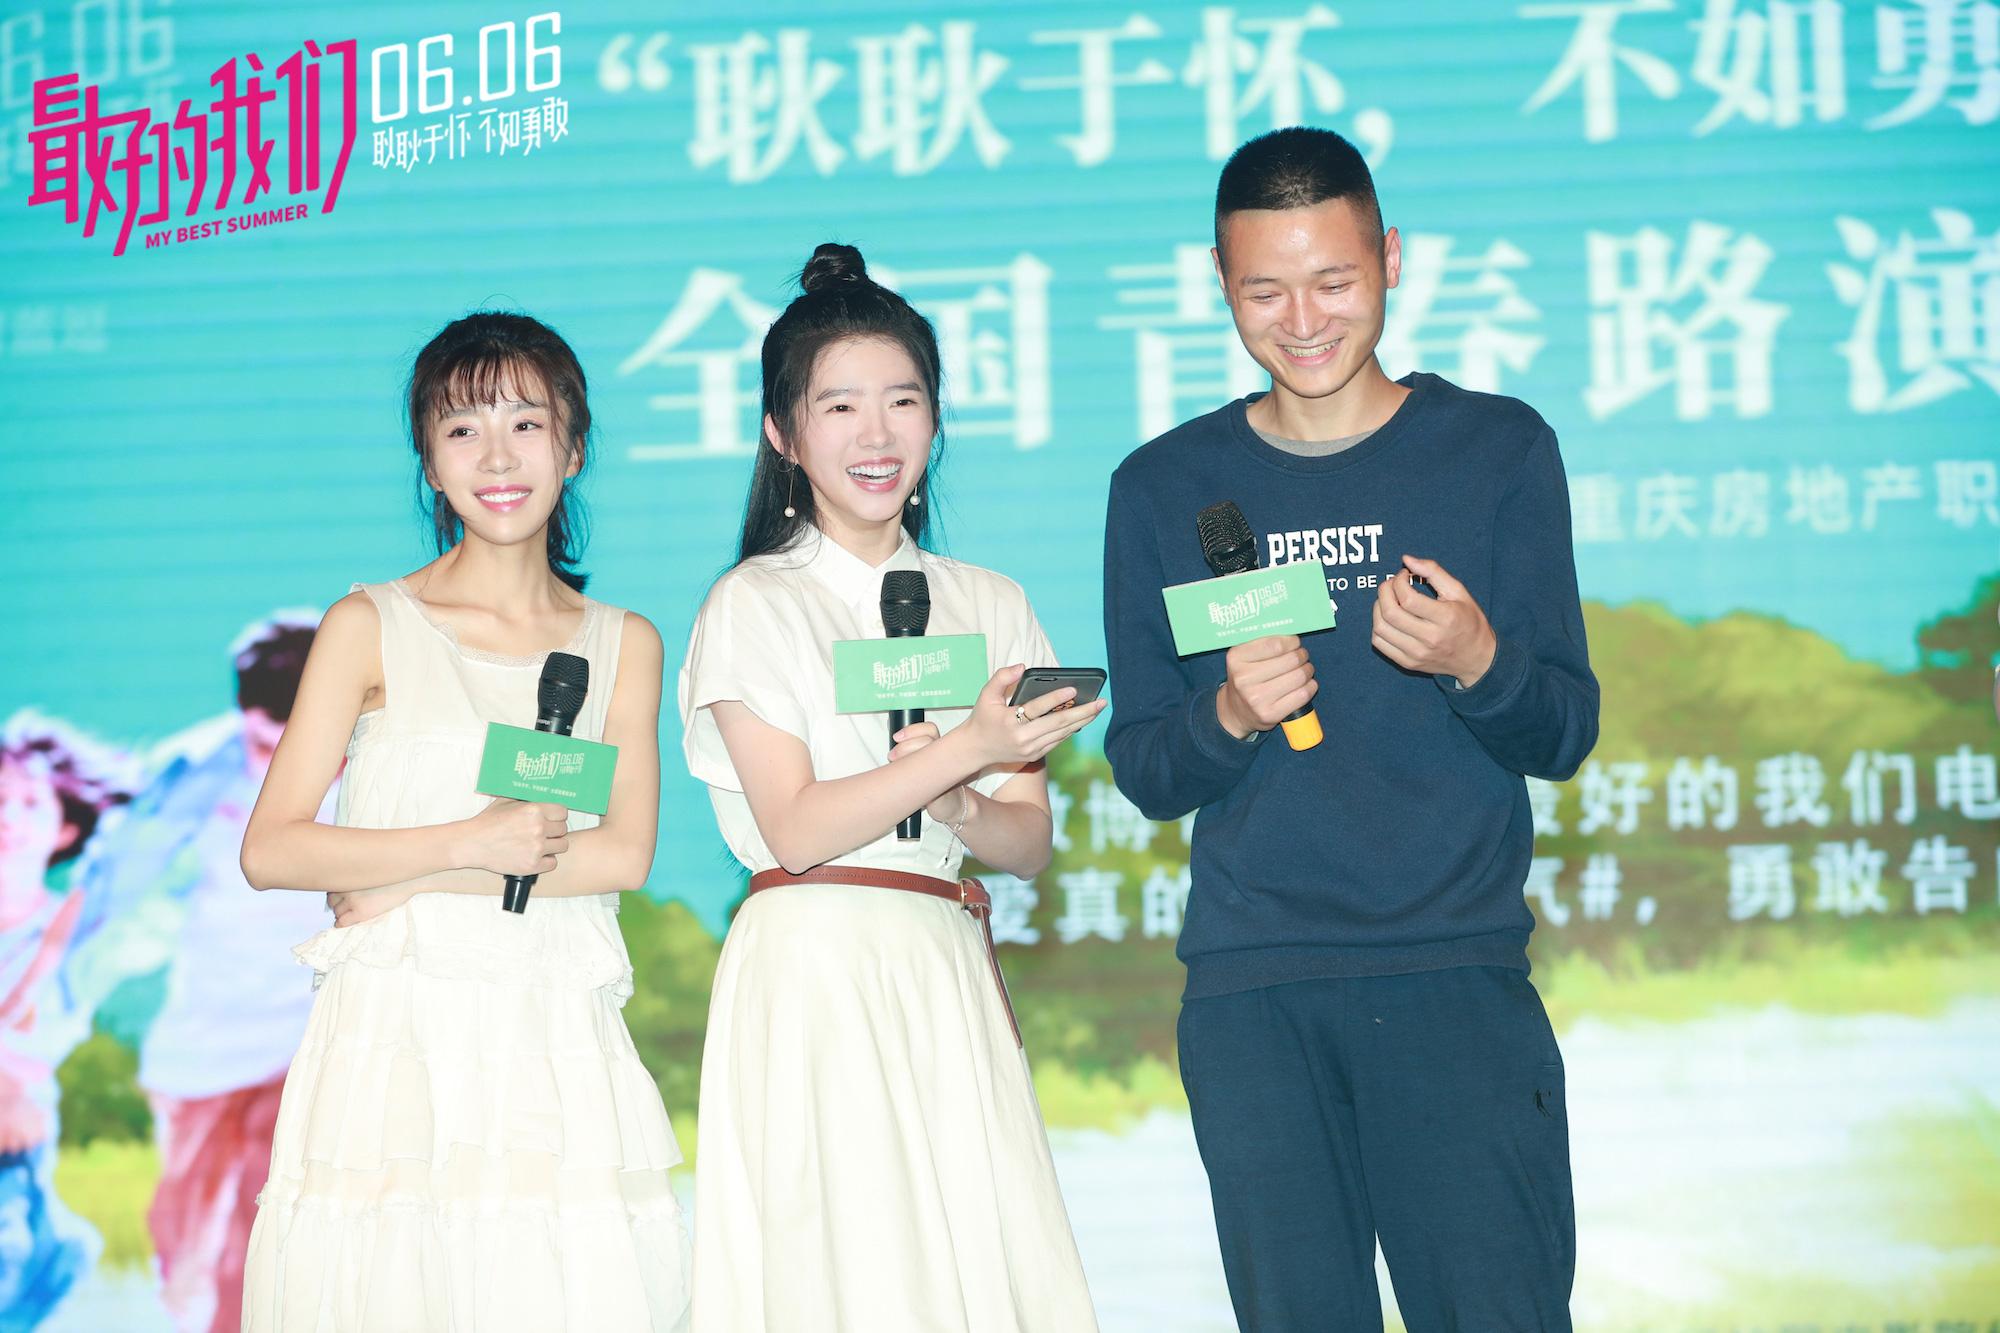 http://www.cqsybj.com/chongqingfangchan/38170.html